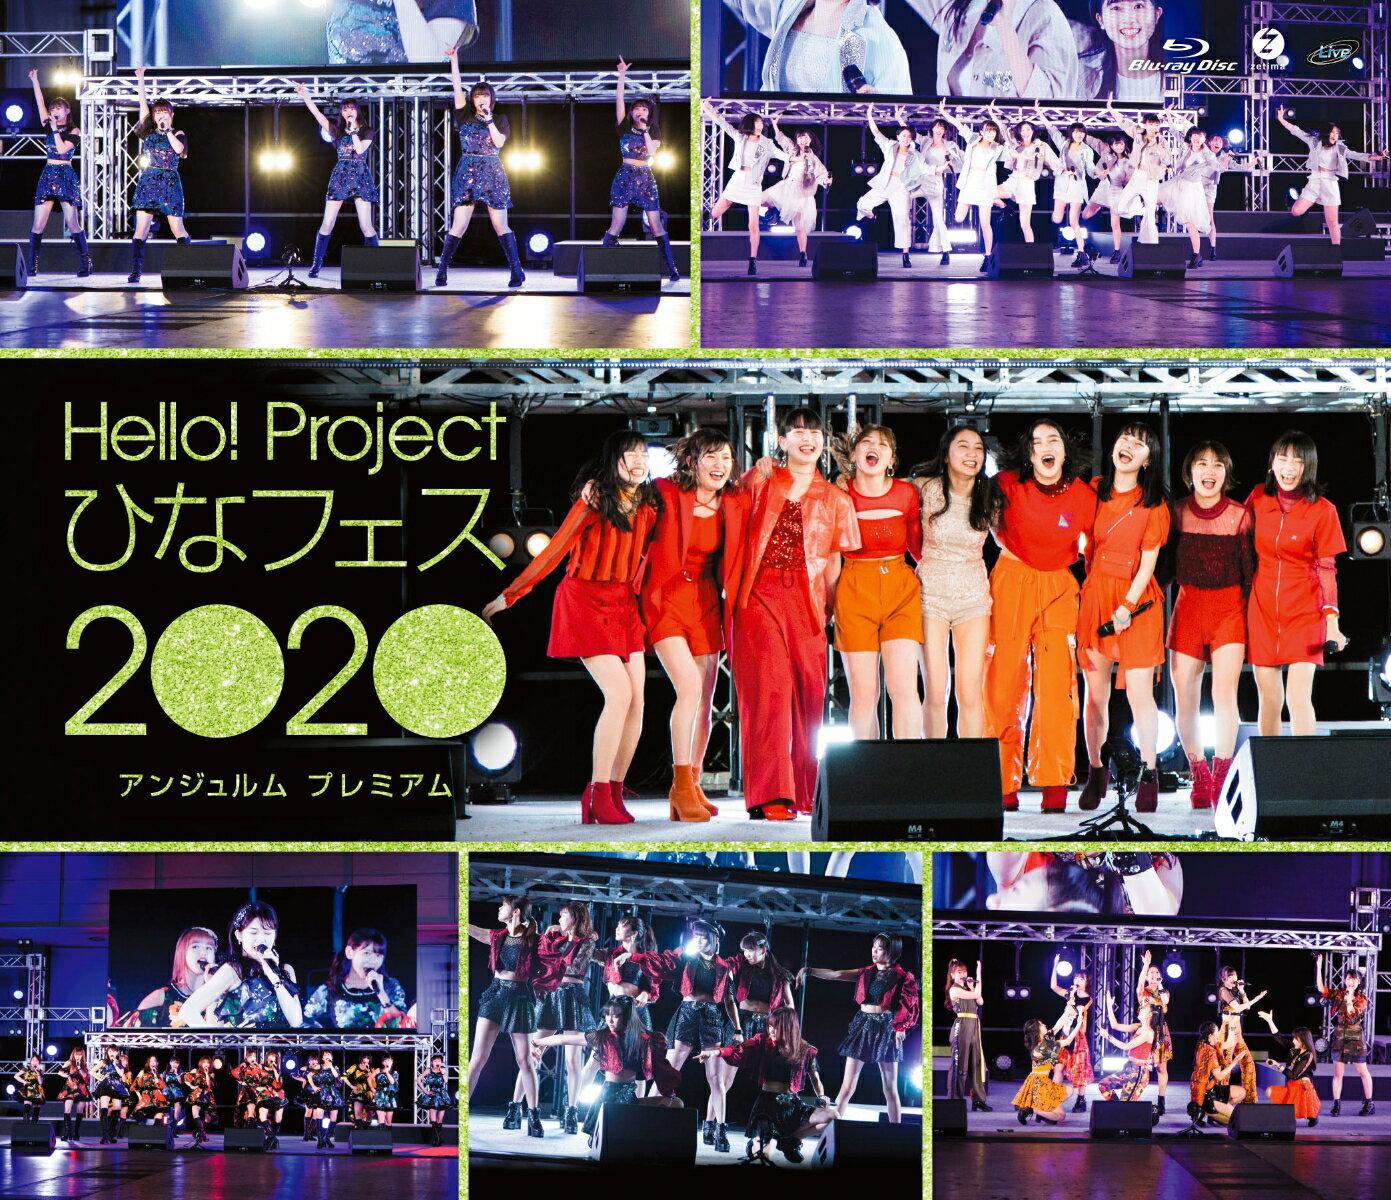 Hello! Project ひなフェス 2020 【アンジュルム プレミアム】【Blu-ray】